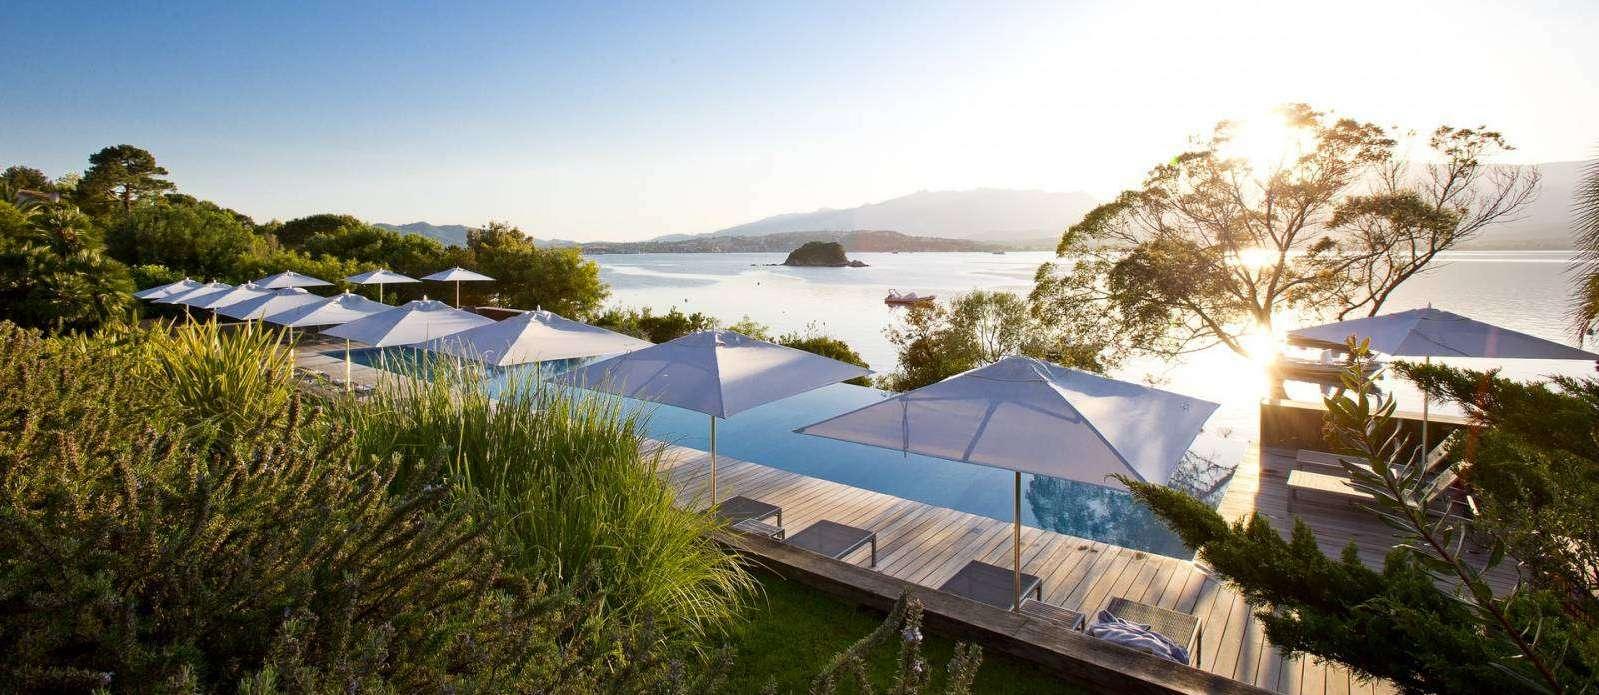 luxury-holidays-corsica